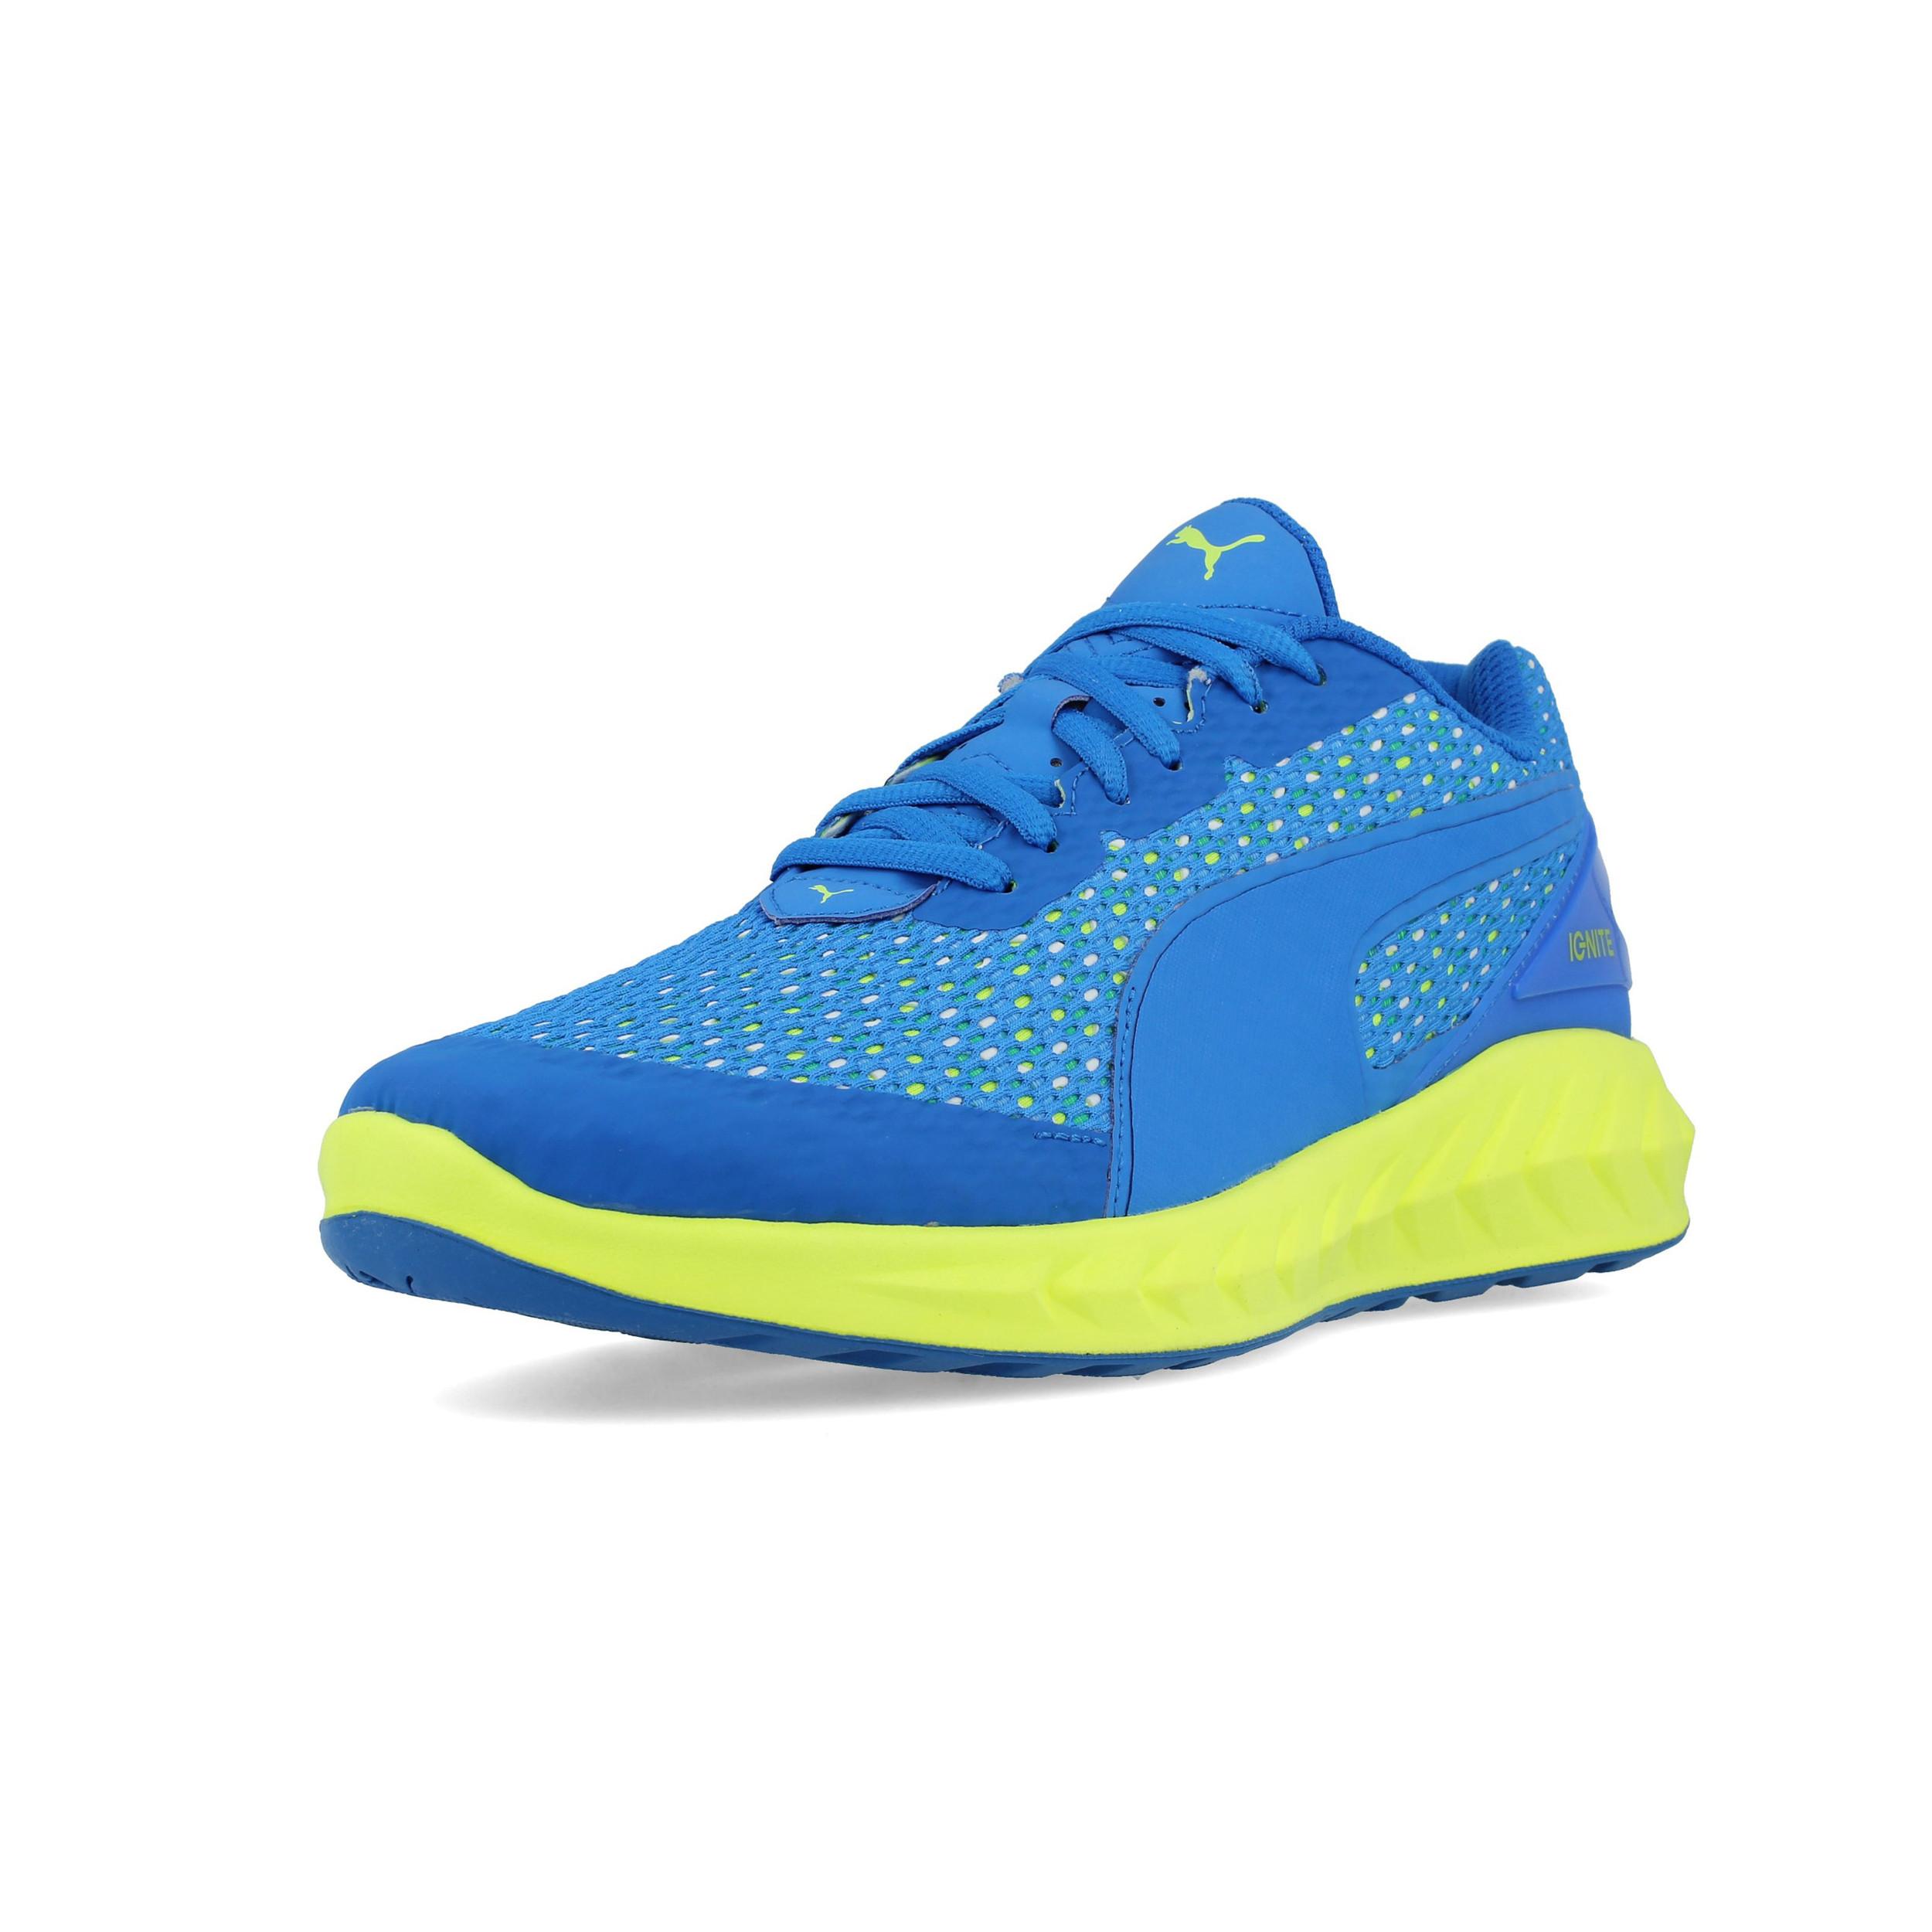 PUMA Uomo Ignite Ultimate Layered Scarpe Da Corsa Ginnastica Sport Sneakers  Blu ef363acce86